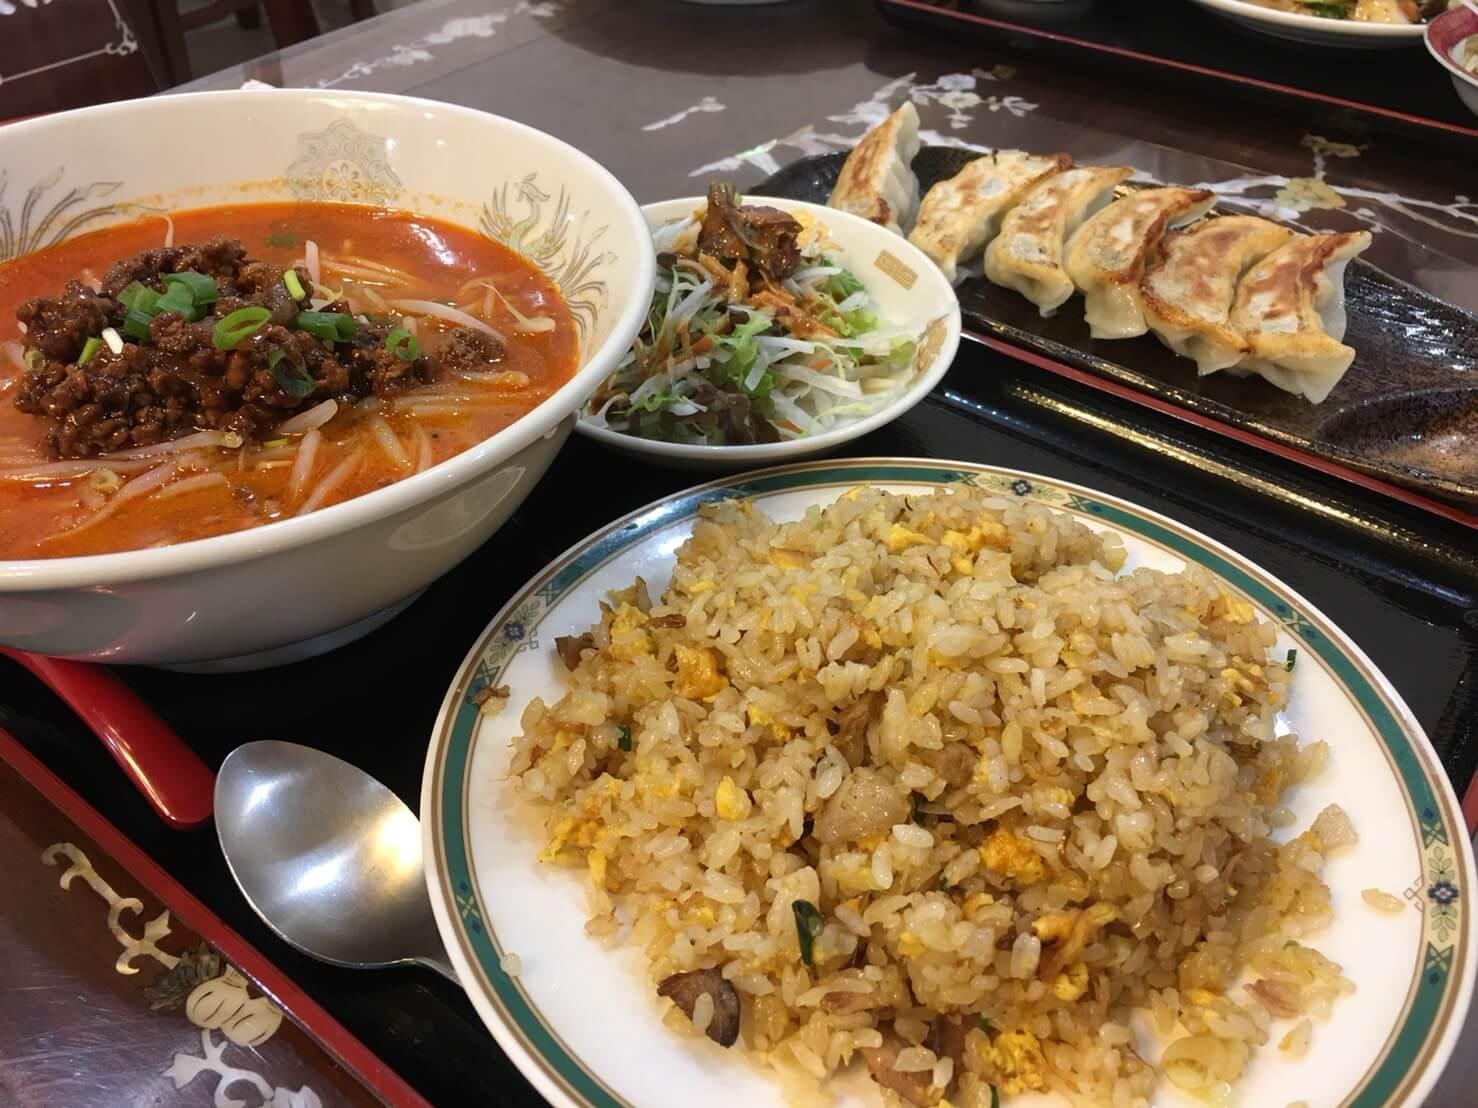 『上海 麺餃王』うまい!安い!ボリュームたっぷり!まさにコスパ界の三冠王。本格中華が激安でお腹いっぱいに